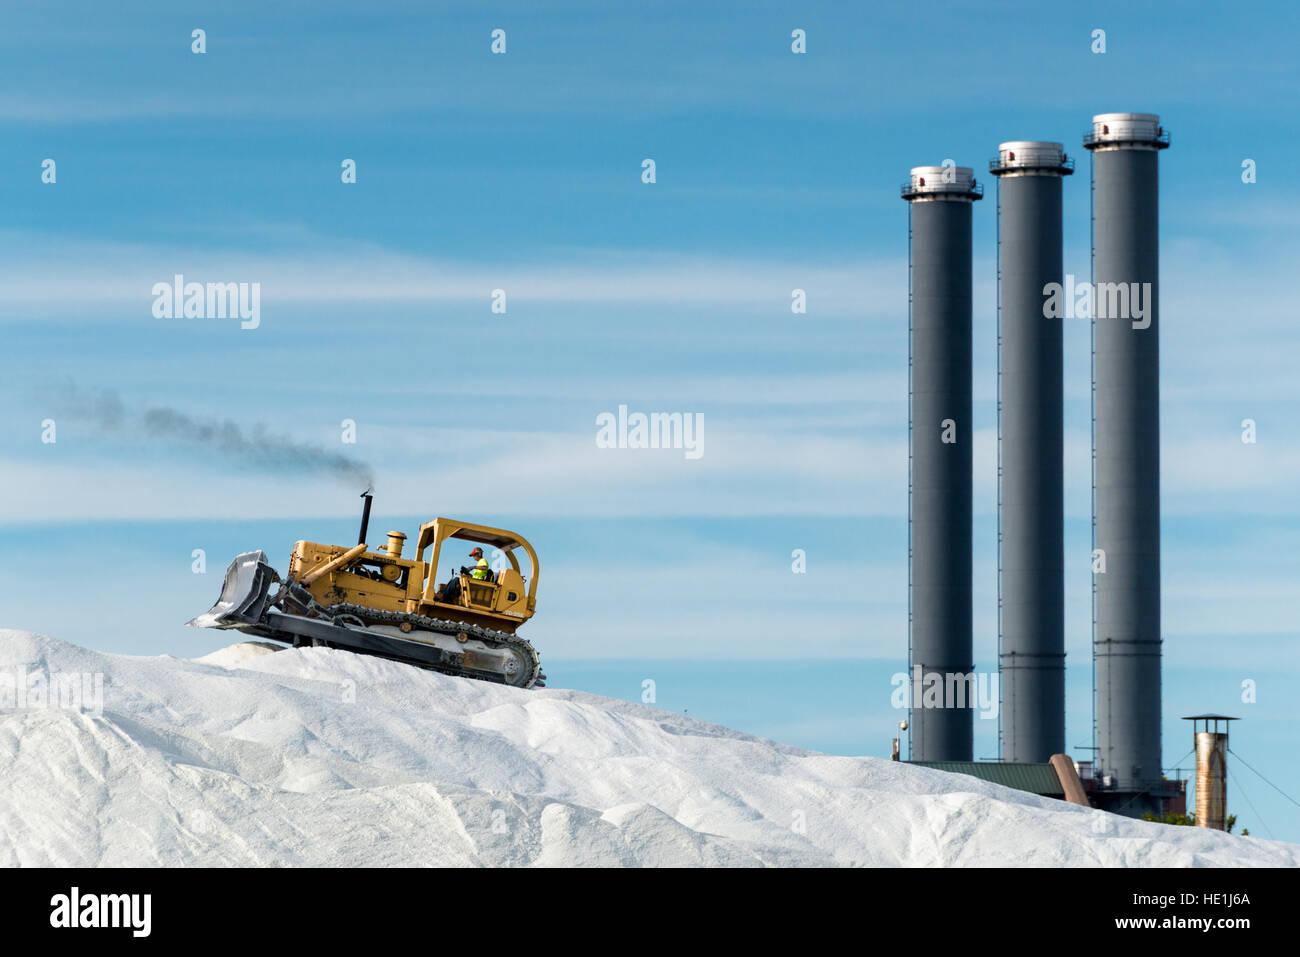 Un transportador de tierra (excavadora) montones de sal de las carreteras que se acaba de descargar desde un barco. Imagen De Stock